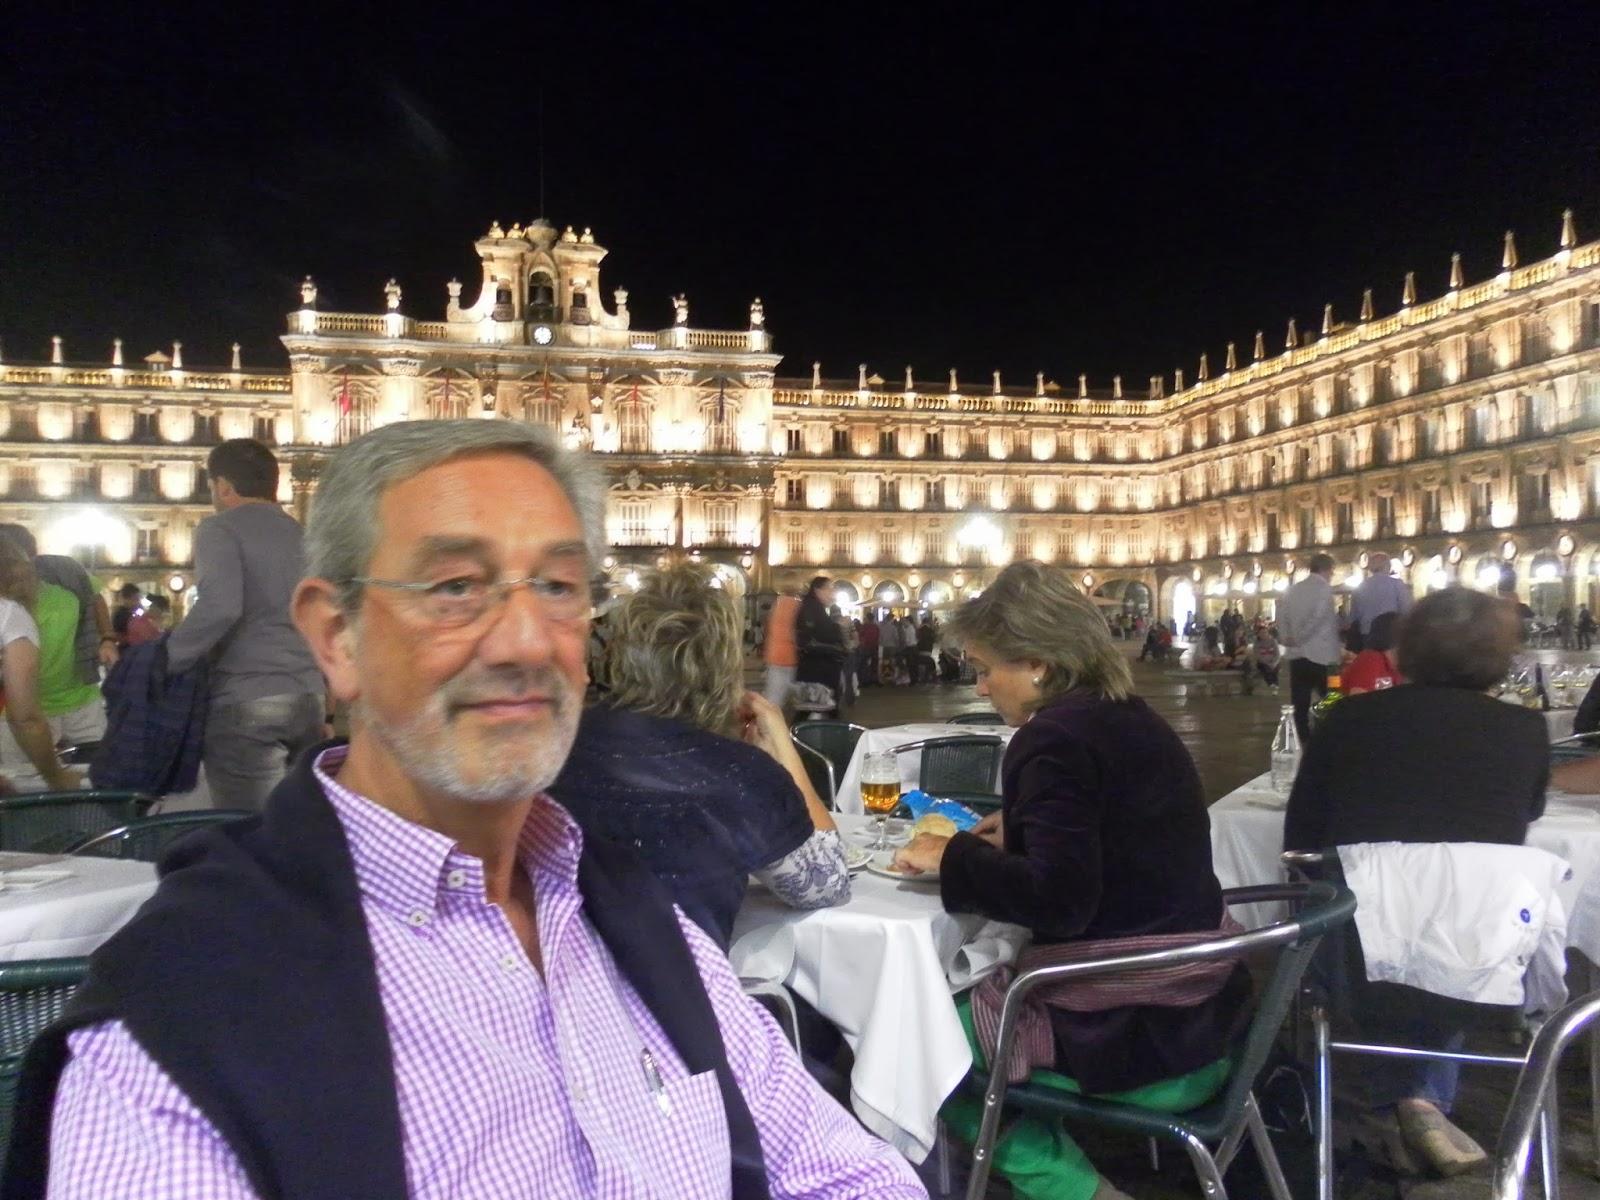 Adiós a un maestro del protocolo. José Luis Delgado, querido amigo, por Olga Casal